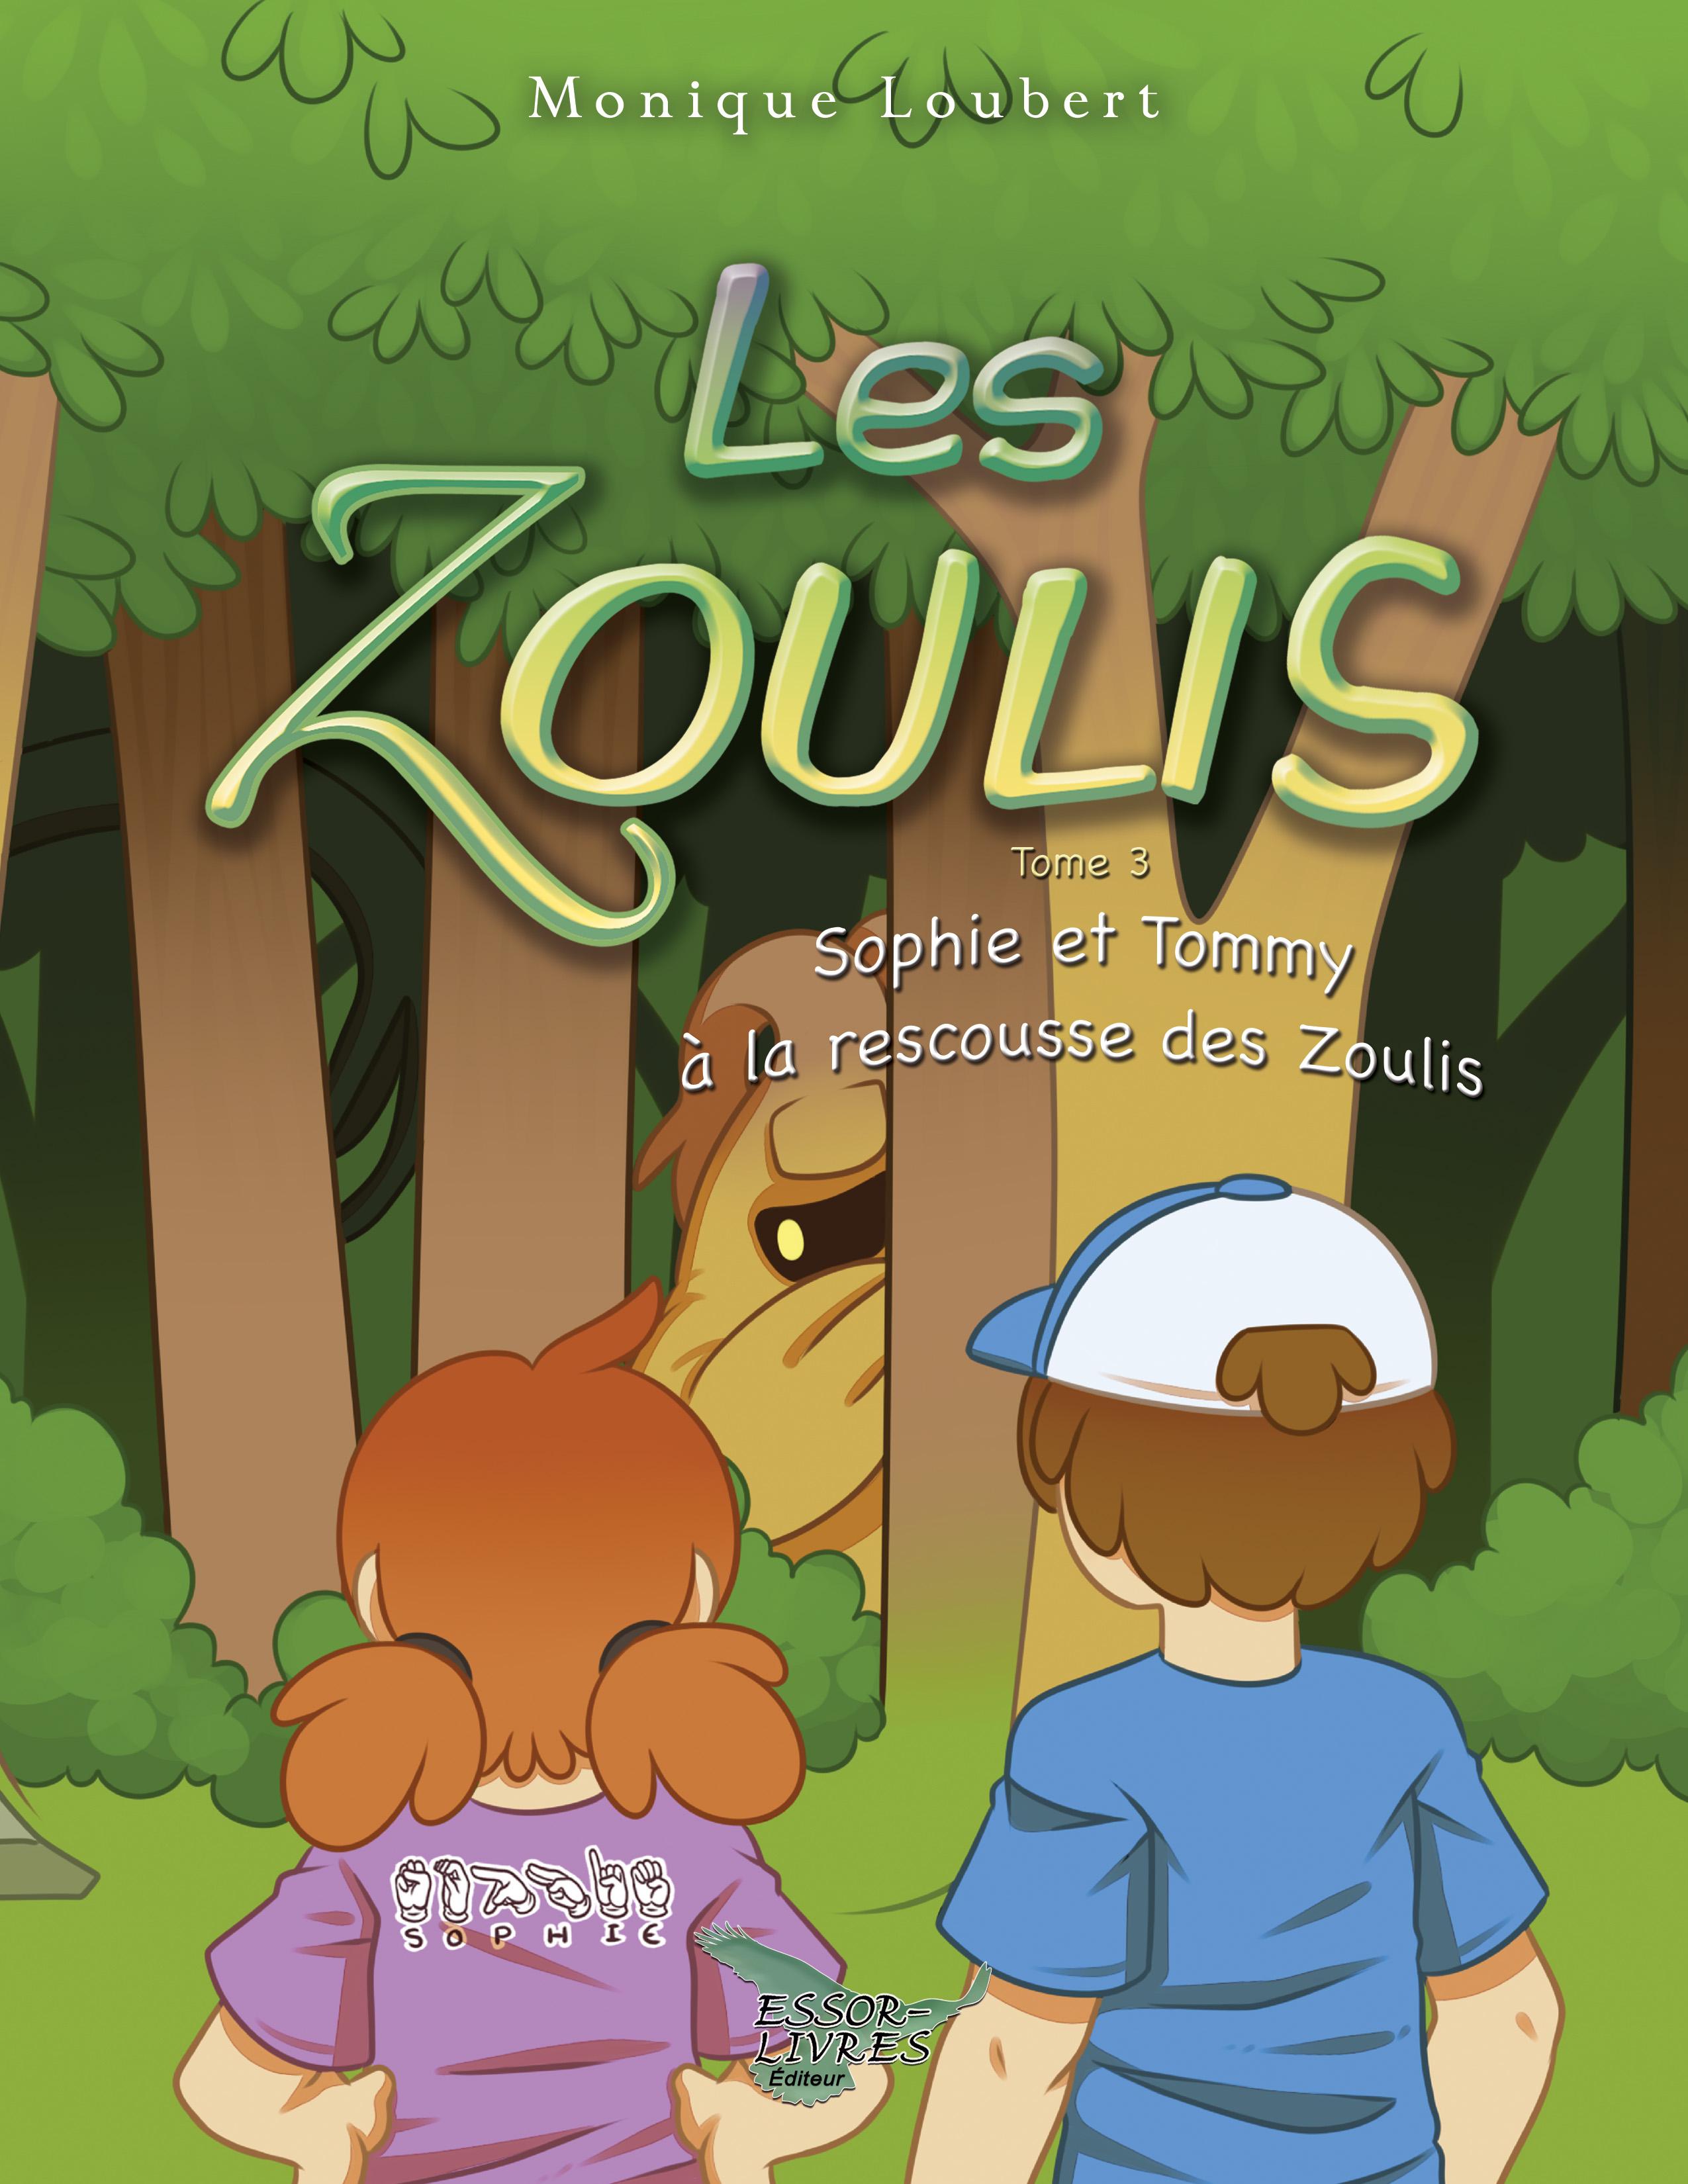 Les Zoulis - Sophie et Tommy à la rescousse des Zoulis